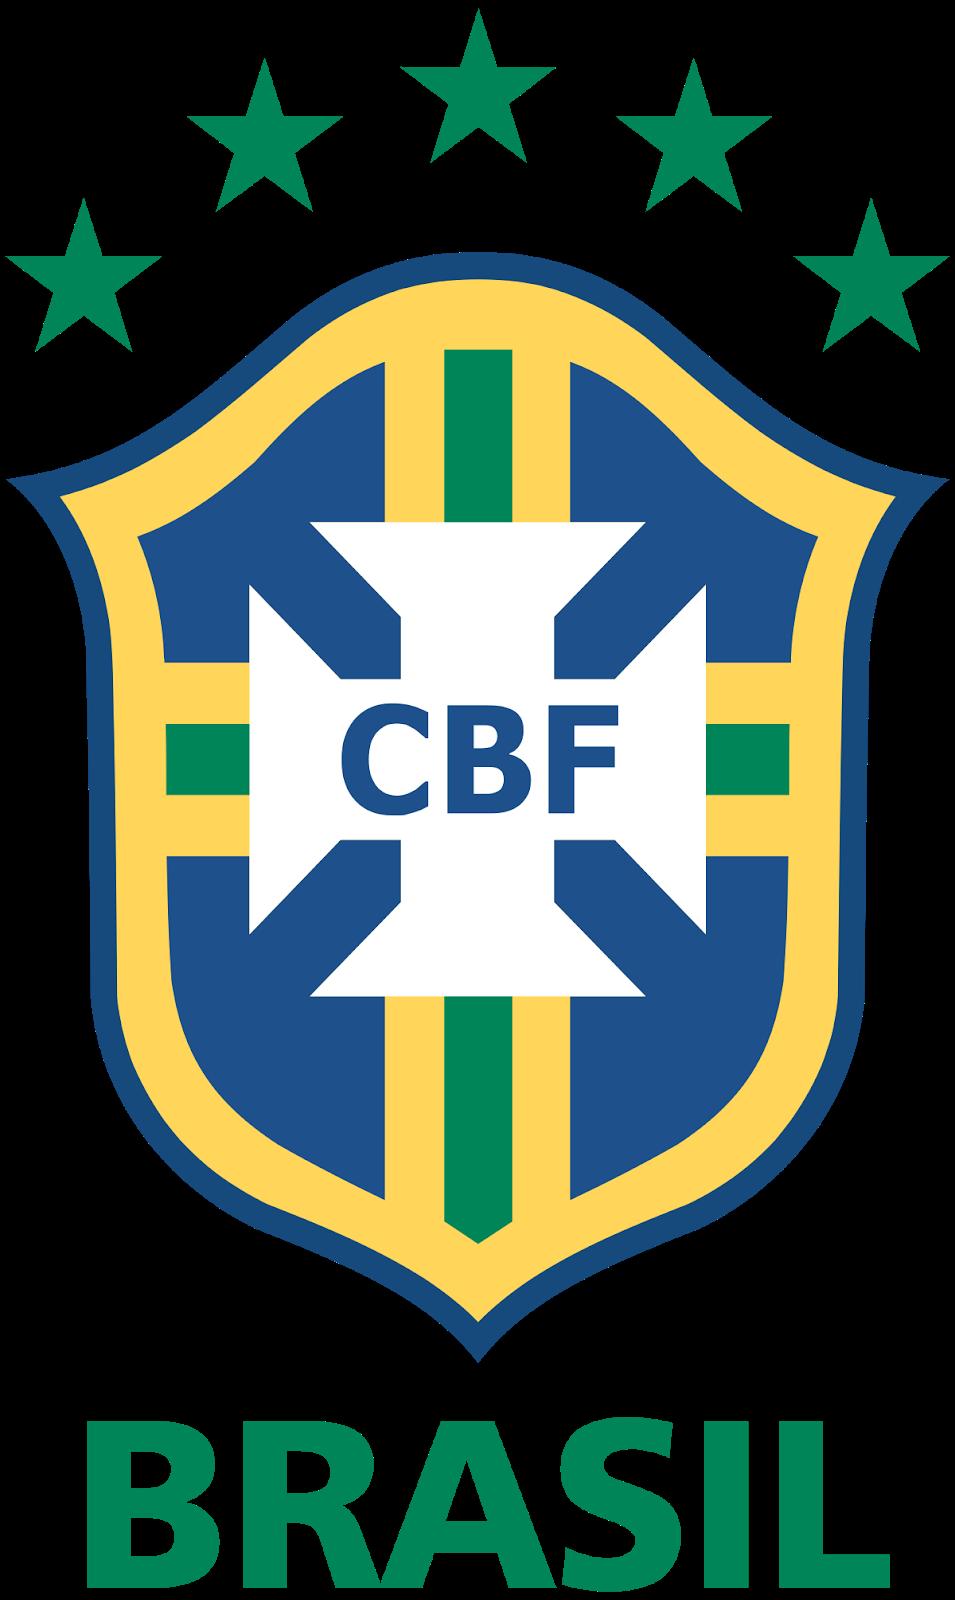 brasilien wird neues wappen erhalten